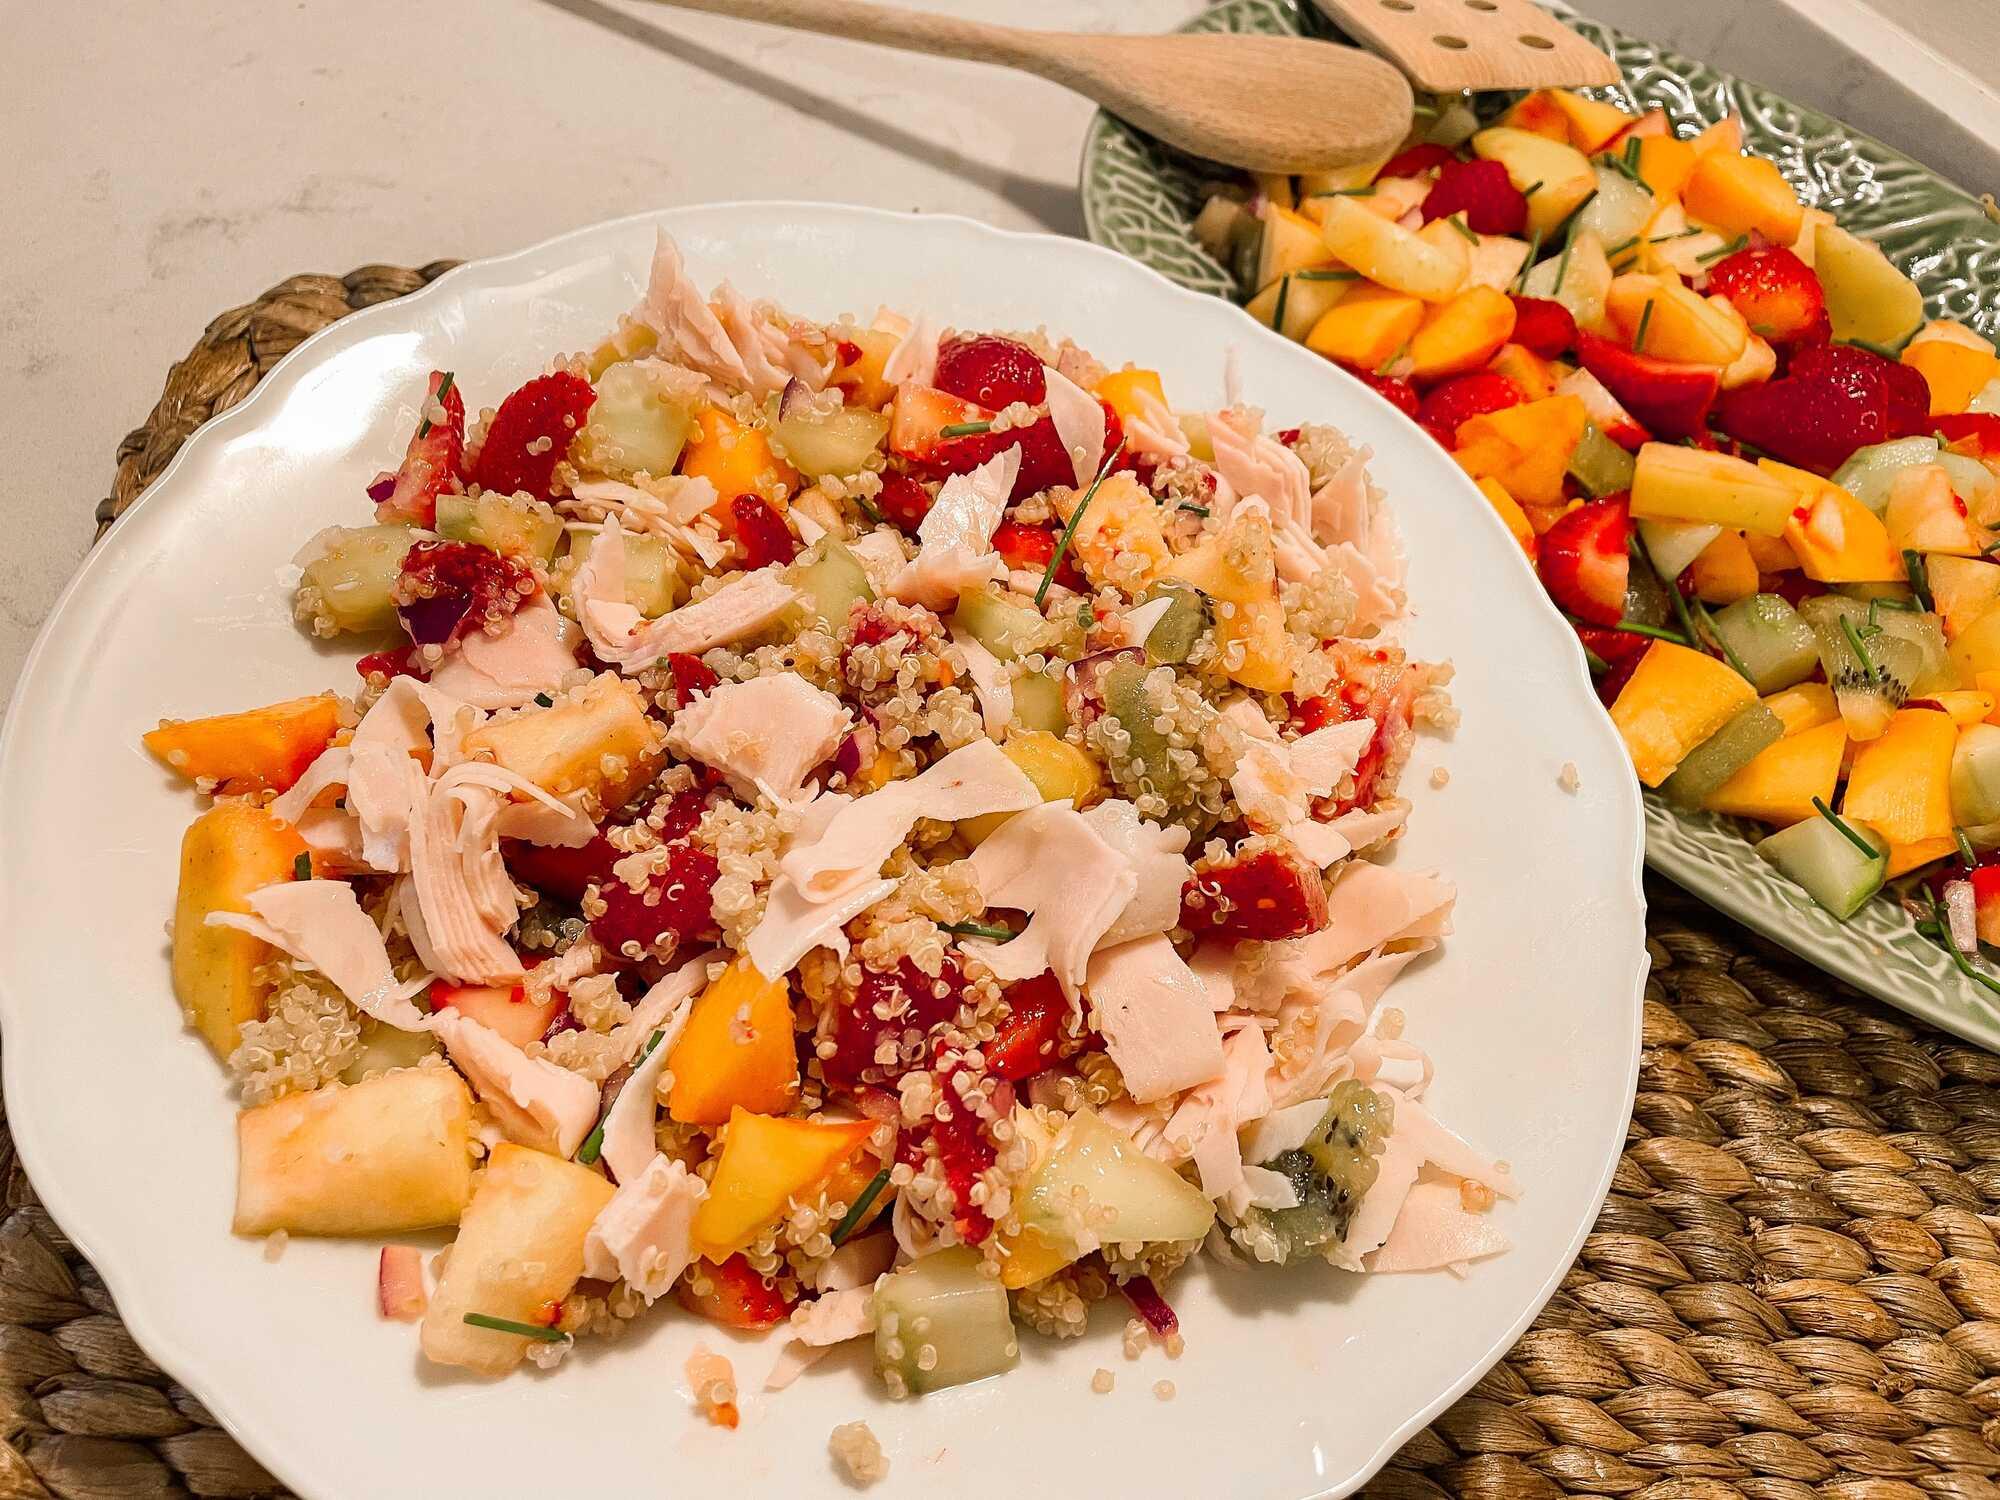 La salade de quinoa avec les fruits et le poulet sont disposés sur une assiette plate de couleur blanche.